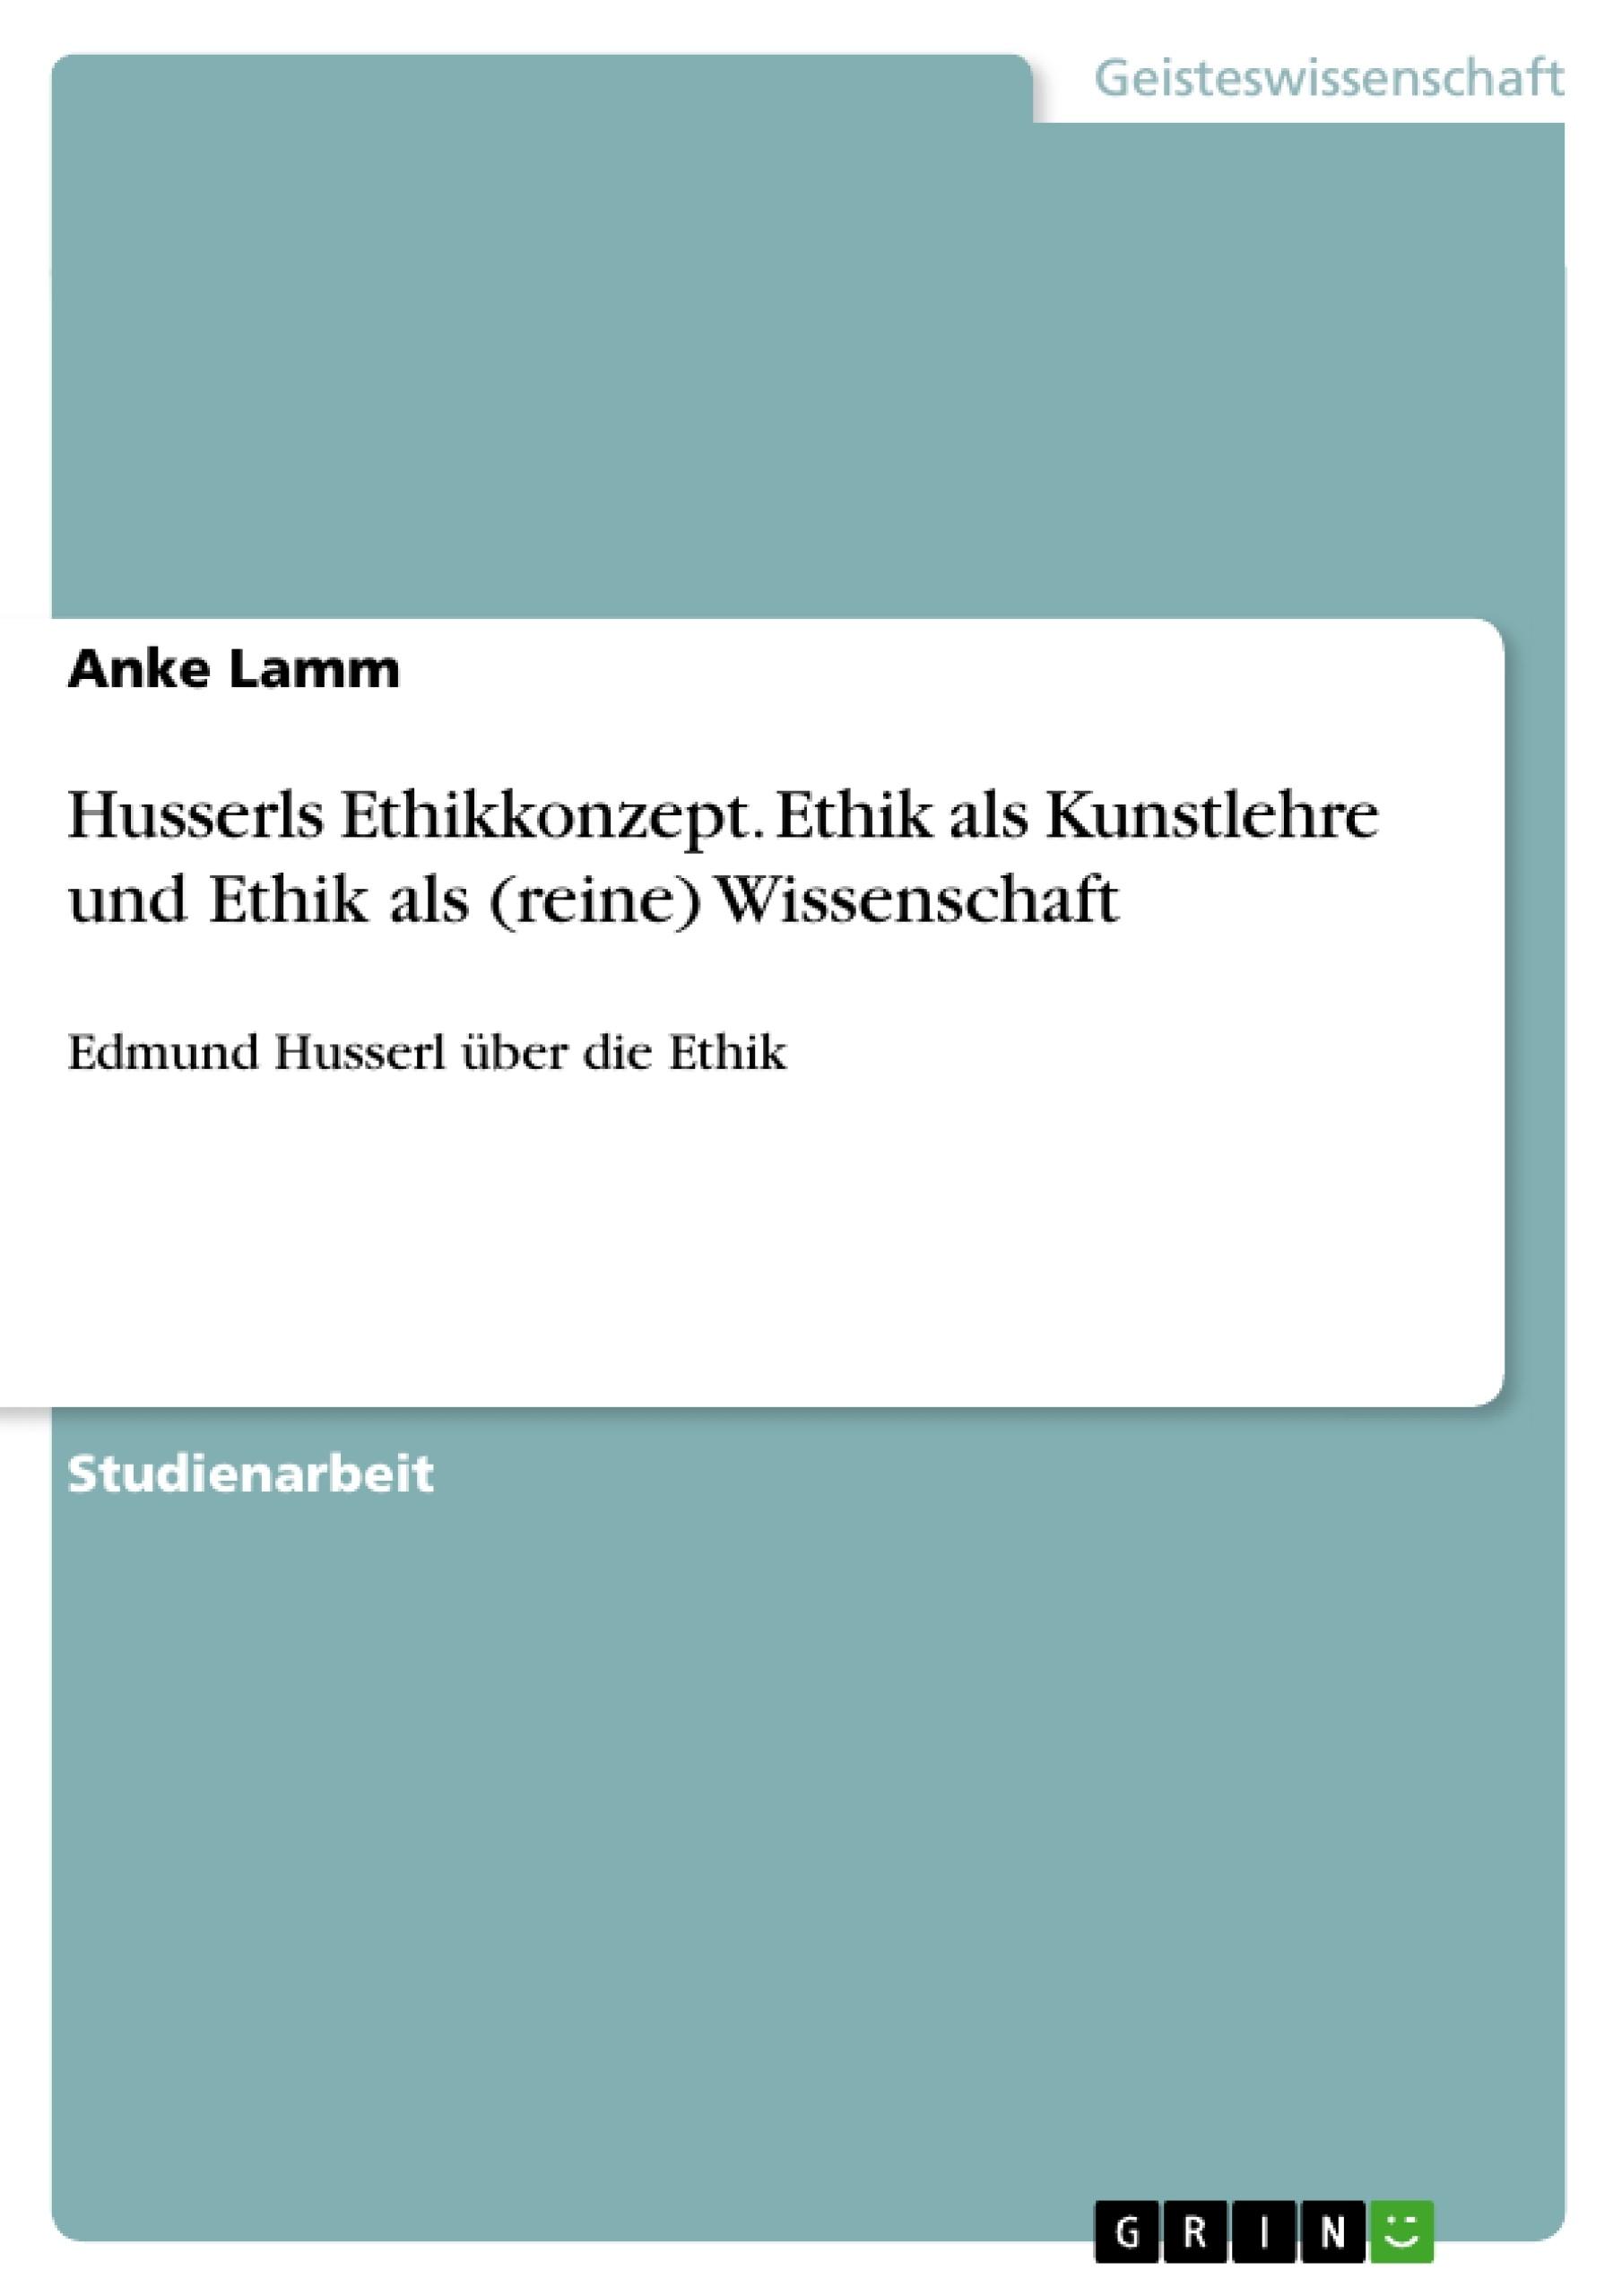 Titel: Husserls Ethikkonzept. Ethik als Kunstlehre und Ethik als (reine) Wissenschaft